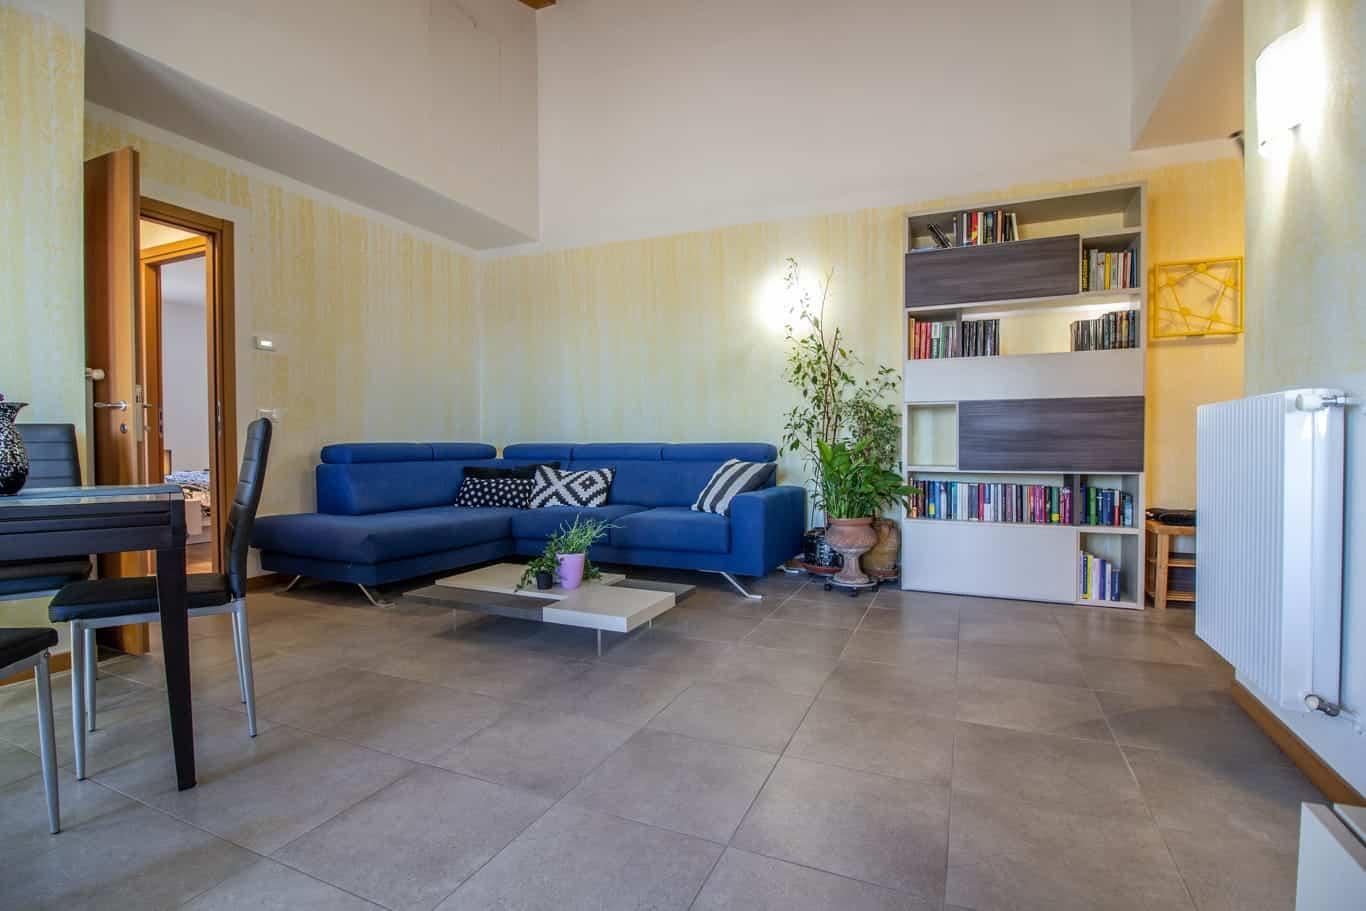 homelead-immobiliare-appartamento-vallenoncello-piazza-valle (5 of 8)